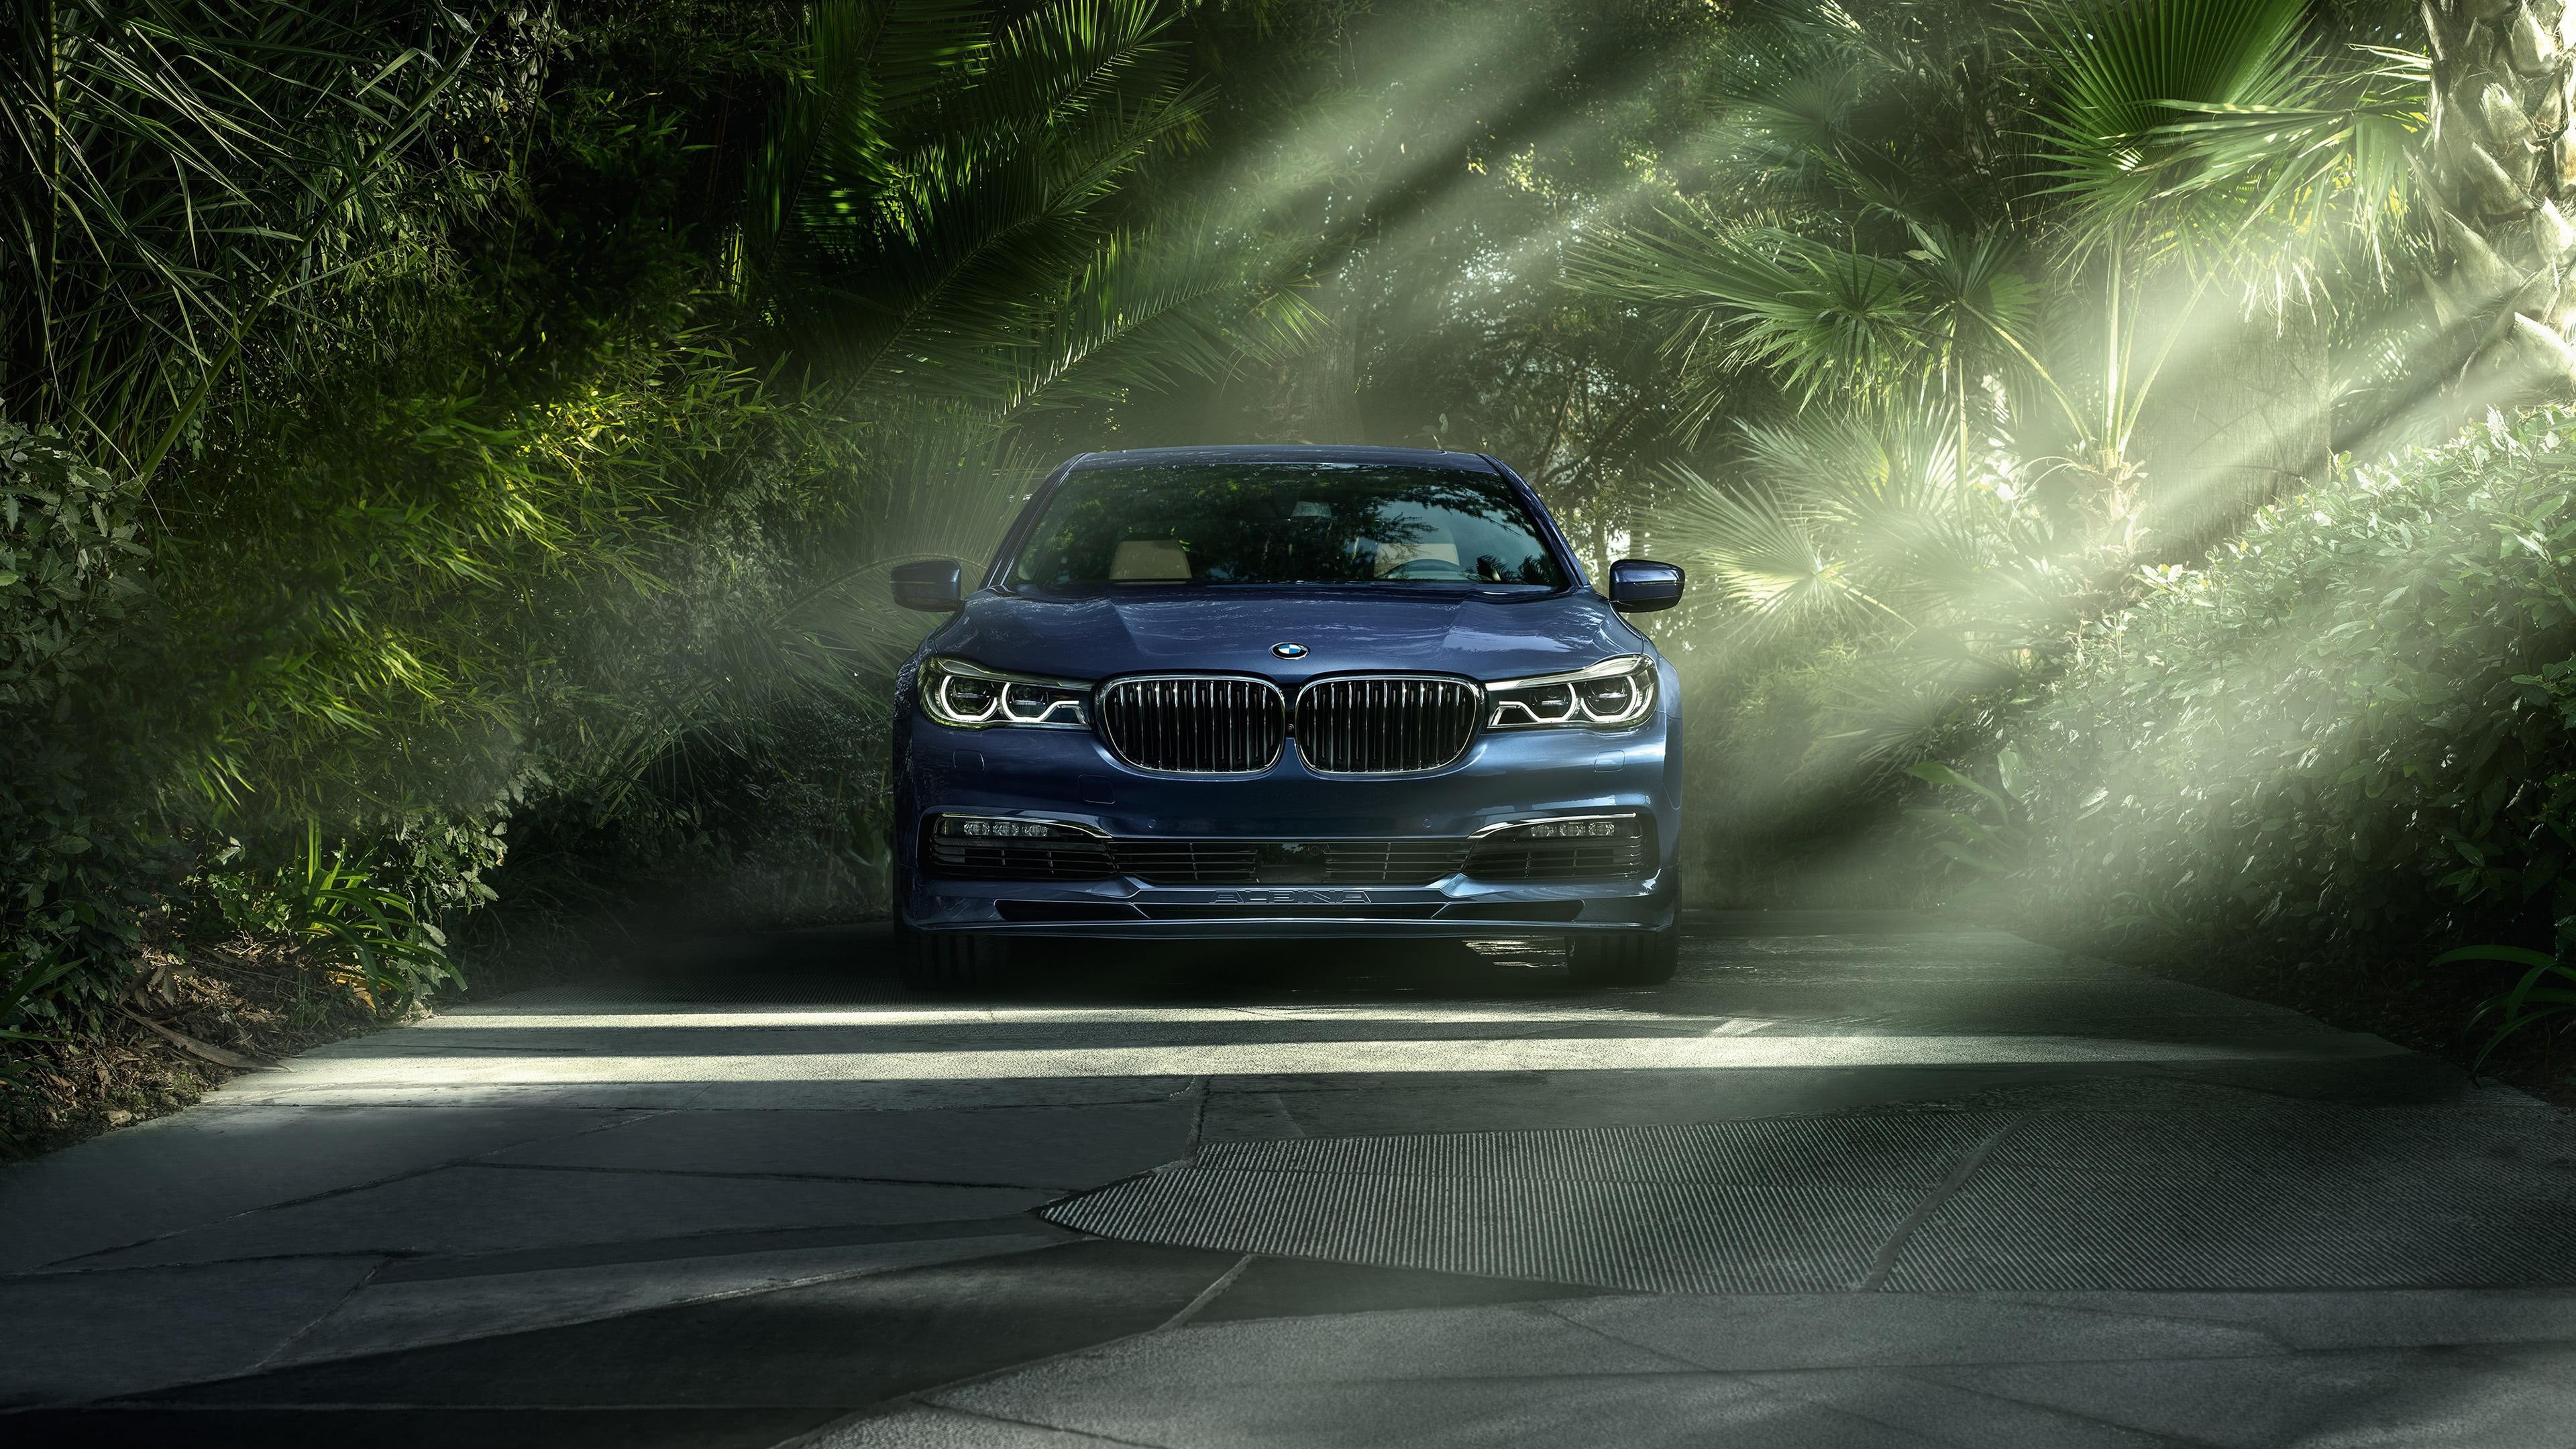 BMW Alpina B7 UHD 4K Wallpaper Pixelz 3840x2160